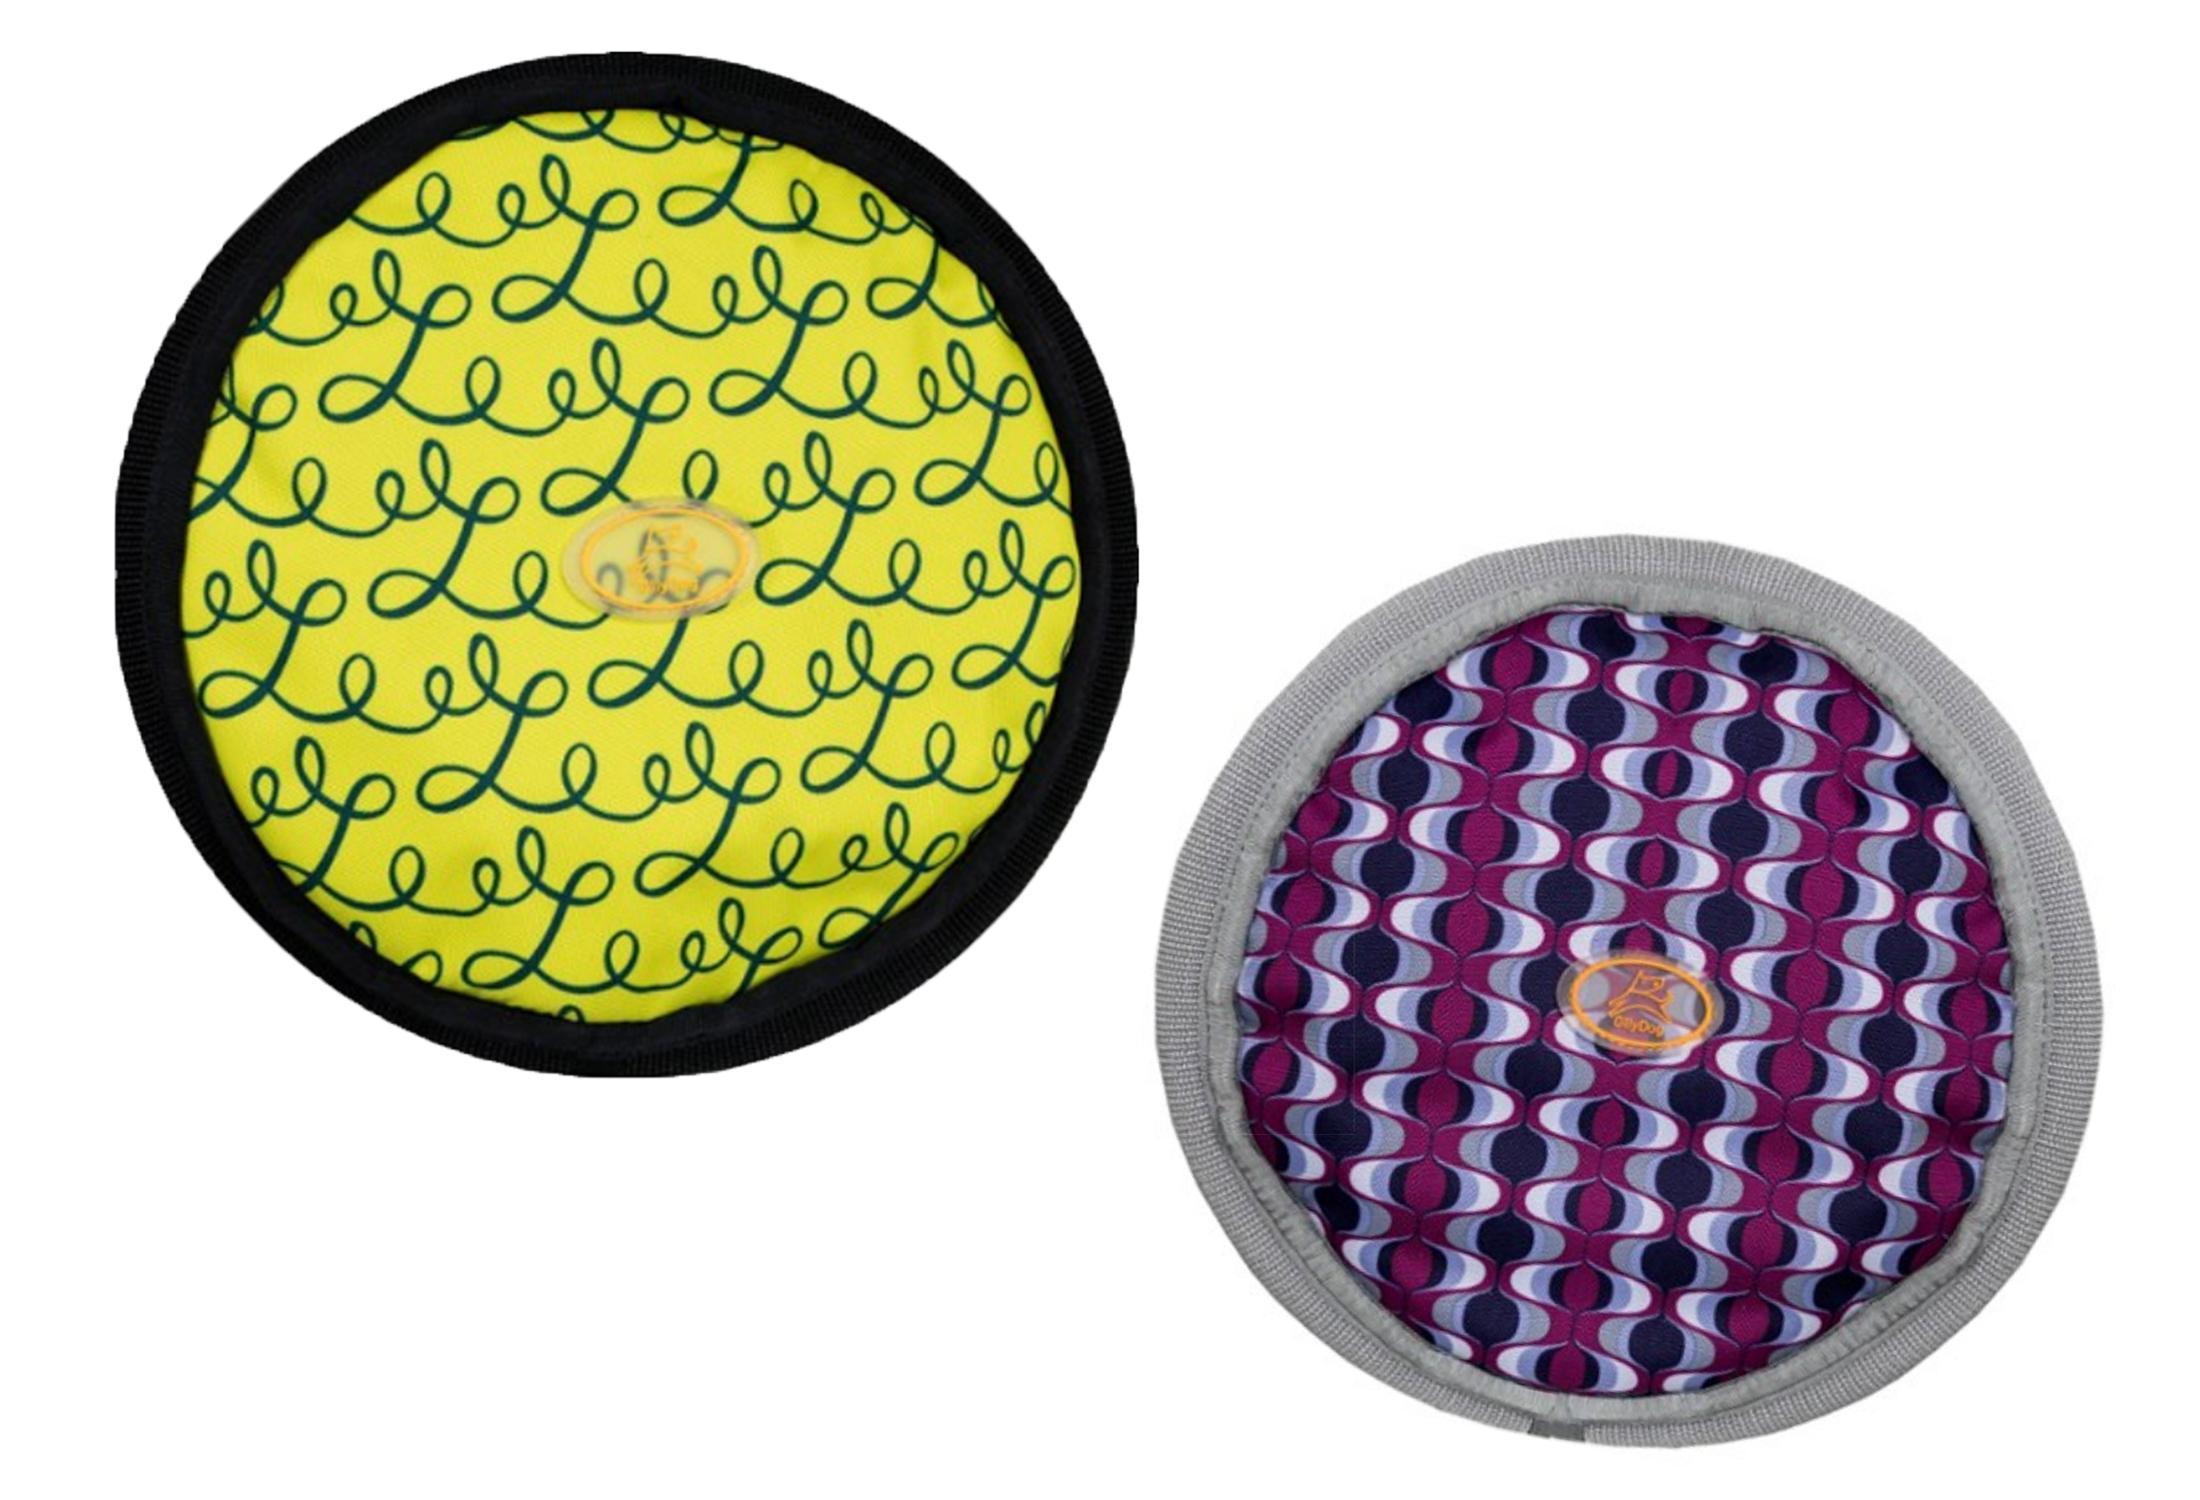 ollydog discs